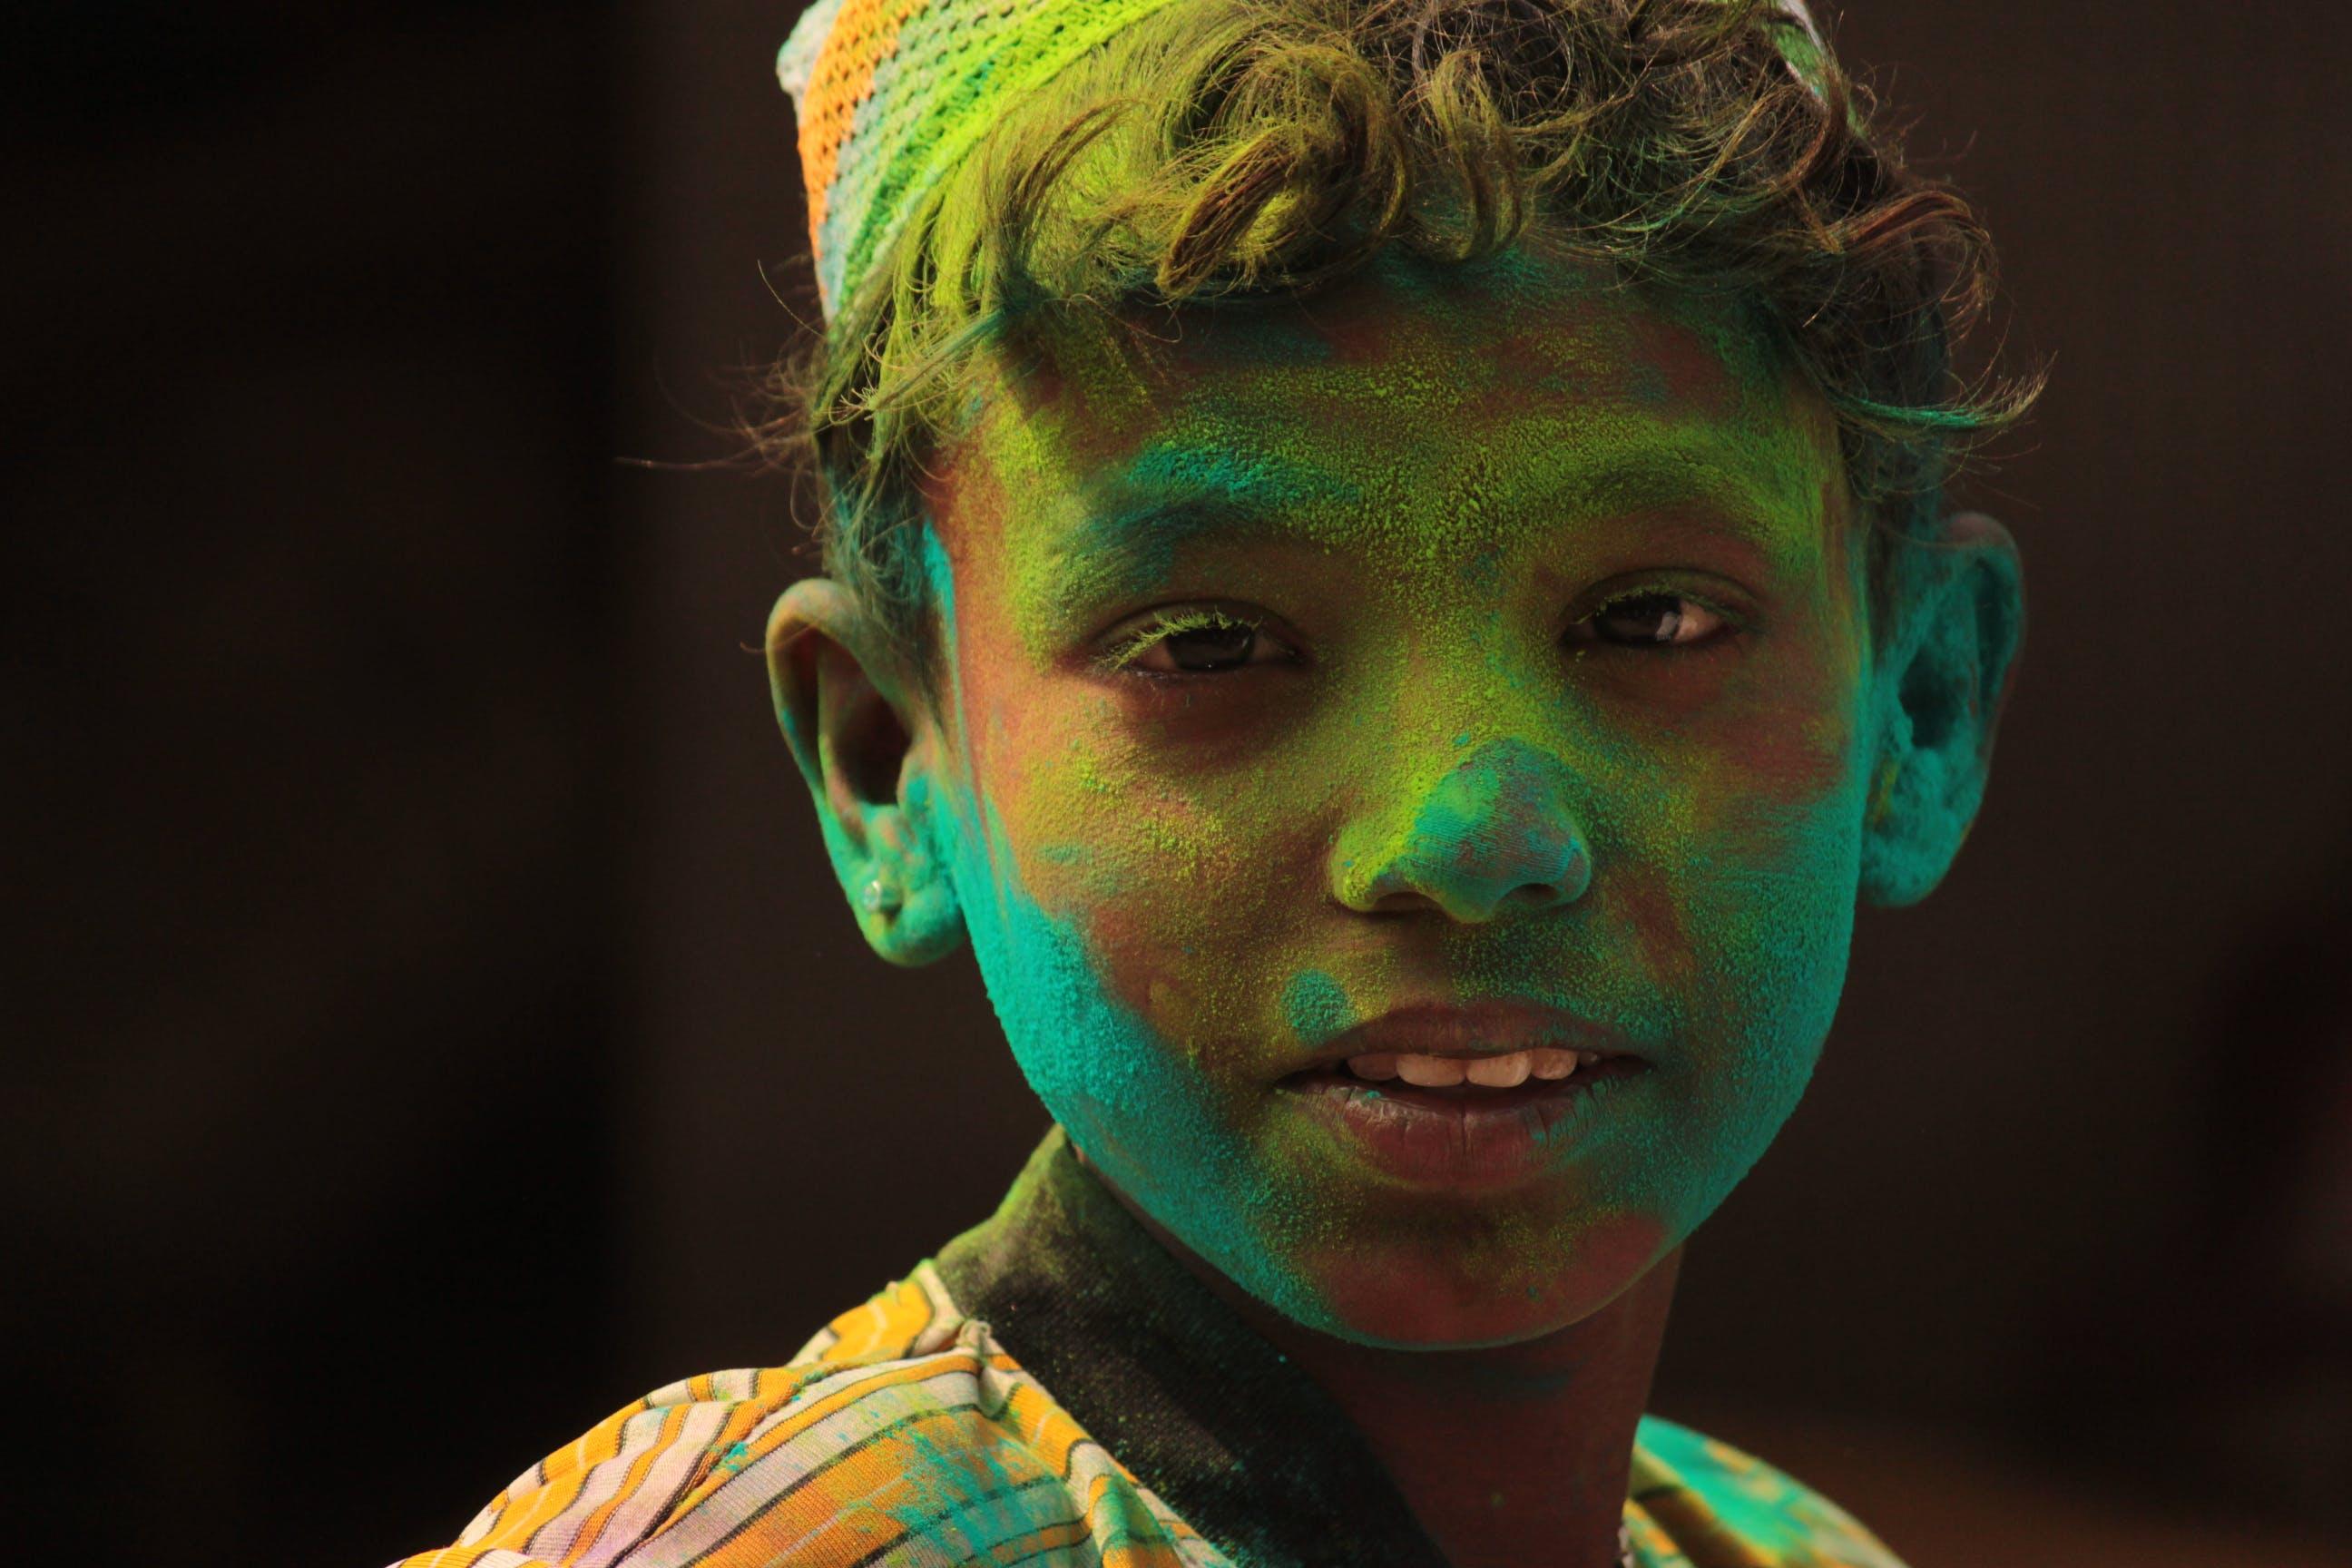 Kostnadsfri bild av ansiktsfärg, barn, färg, färgrik